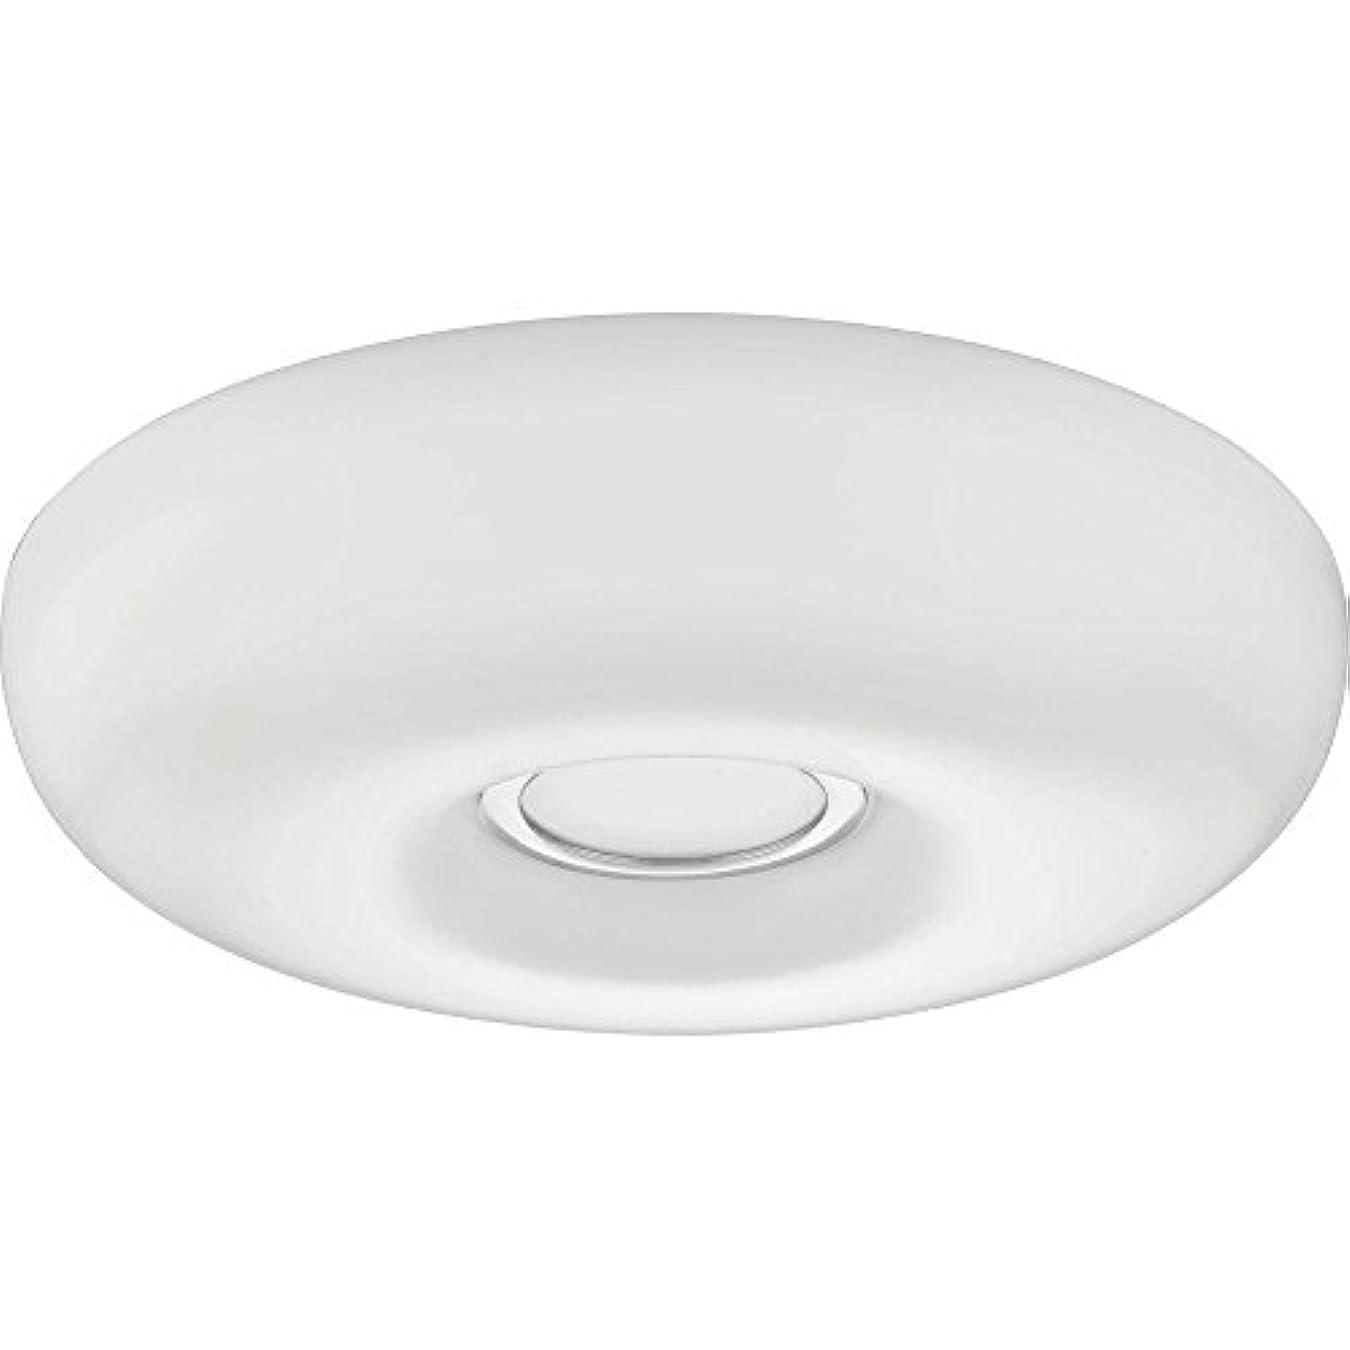 モトリースーツ過激派Lithonia Lighting DFMKMRL 14 M4 Replacement Diffuser, 14', White [並行輸入品]